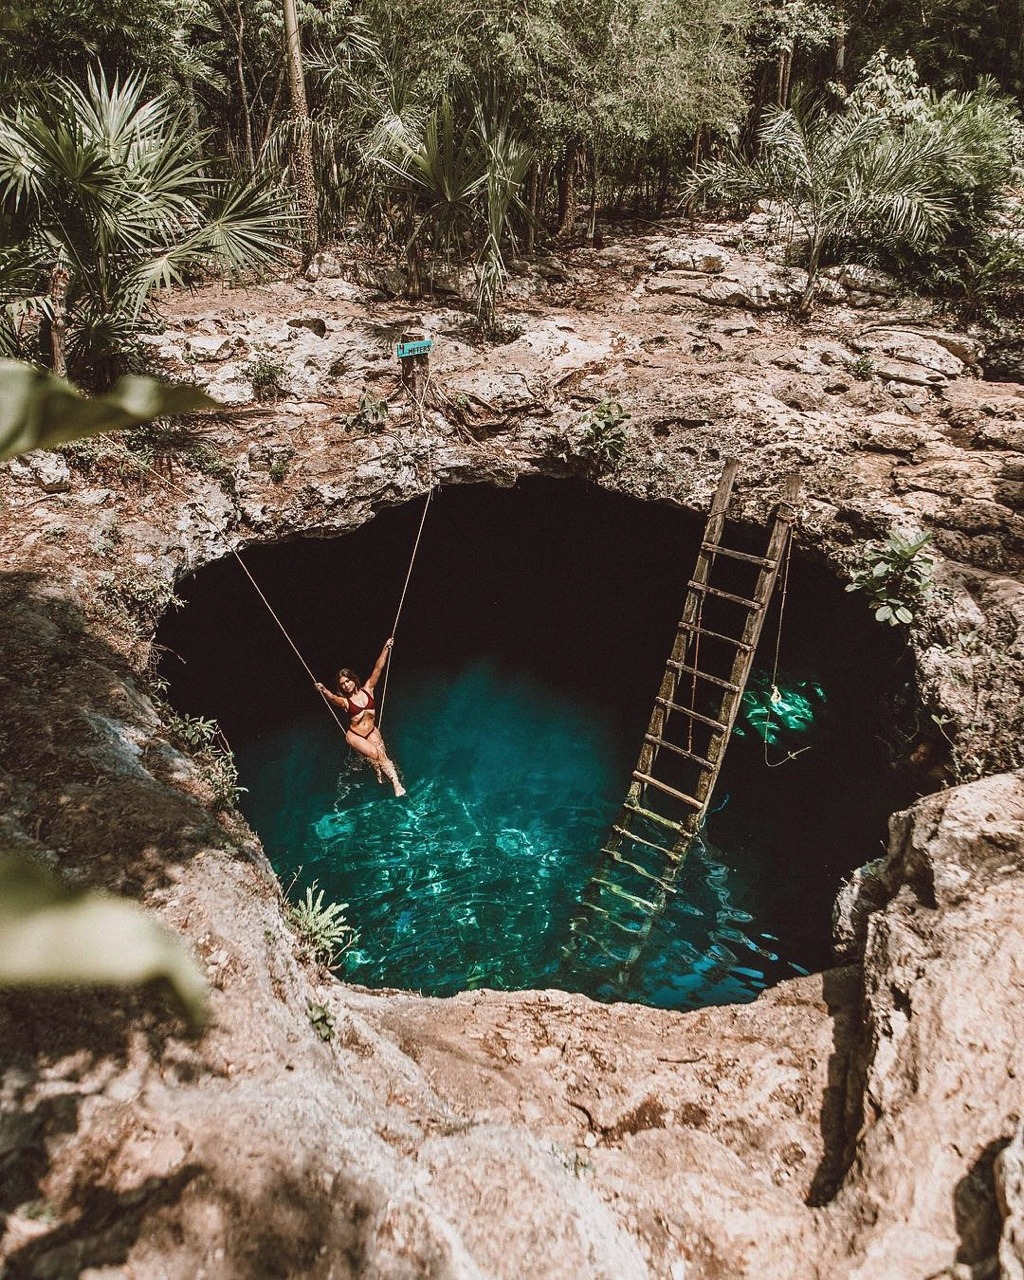 Que tan profundo son los cenotes